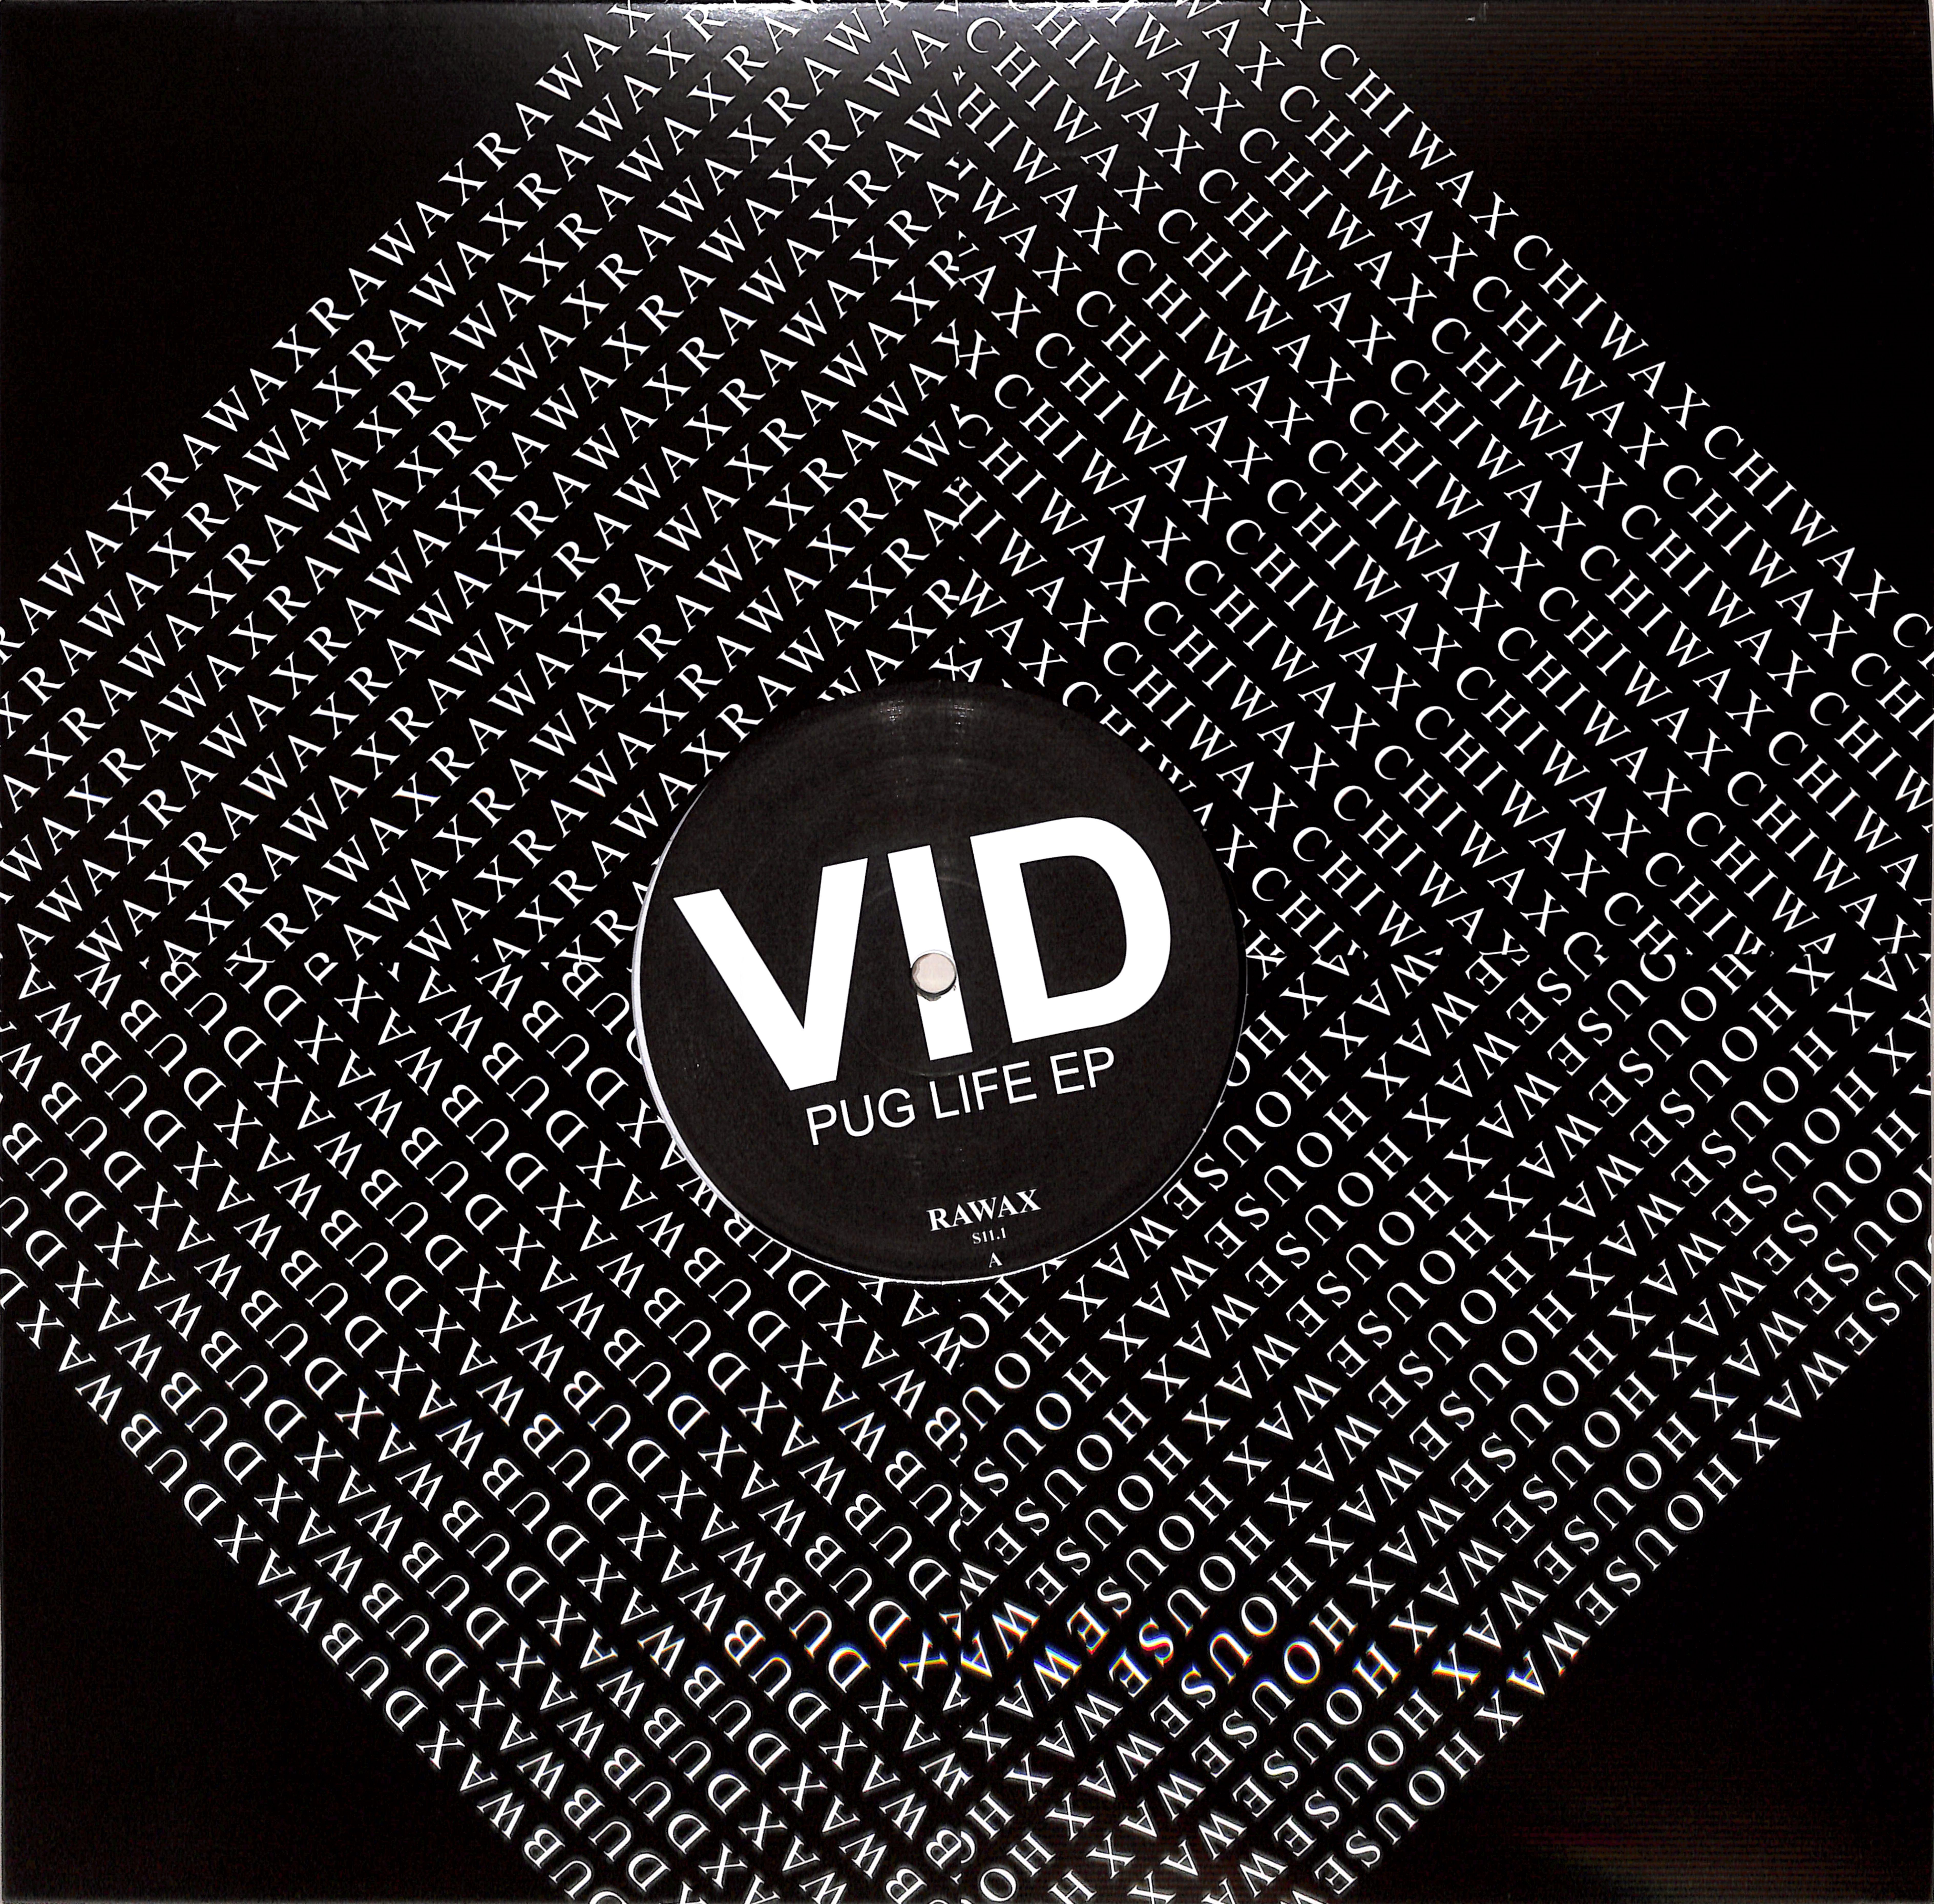 VID - PUG LIFE EP